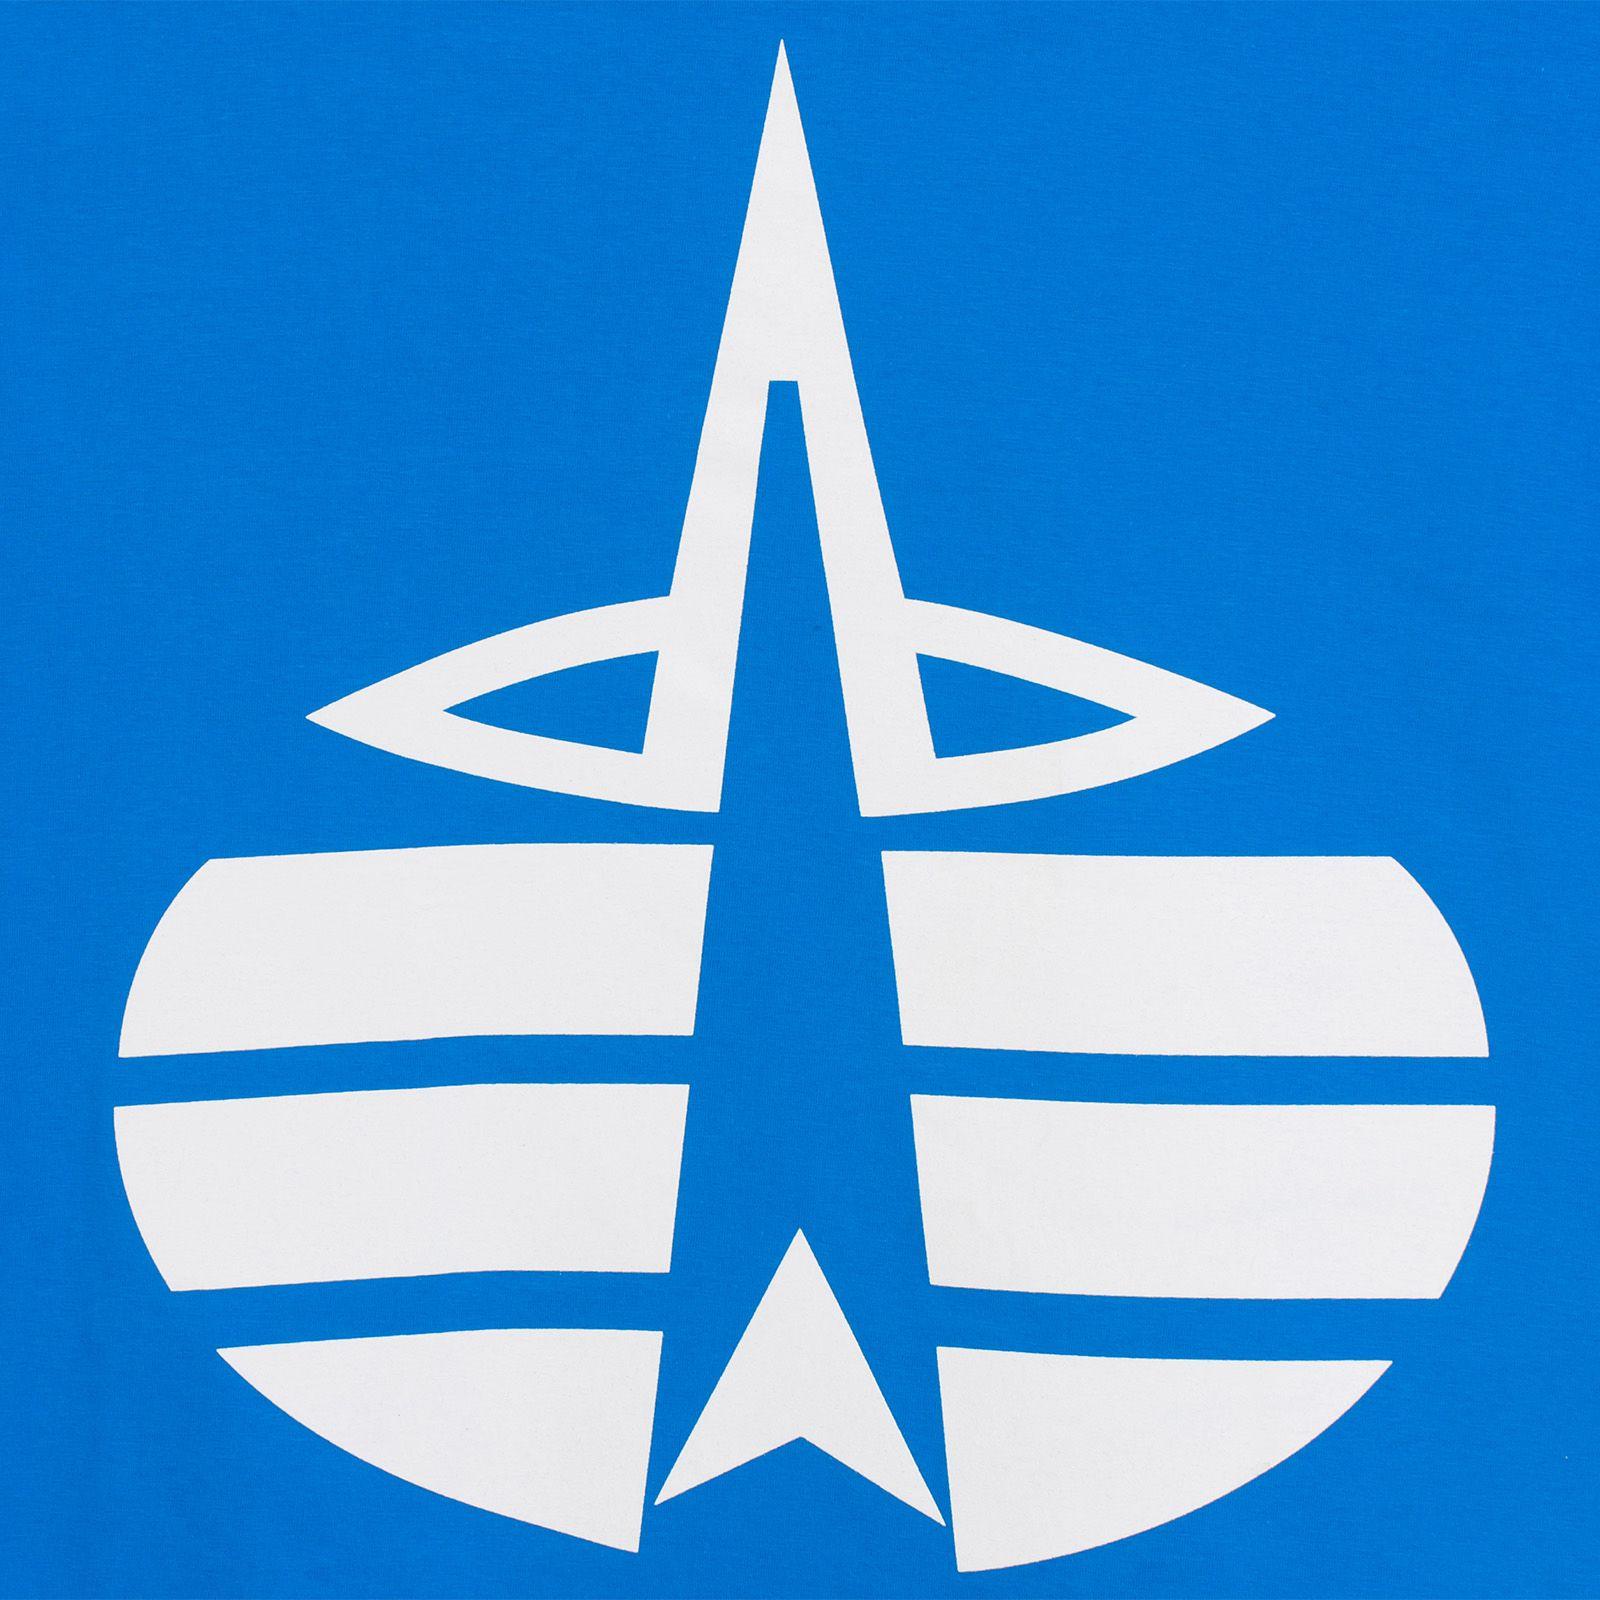 Футболка «Воздушно-космическая оборона» с эмблемой ВКО